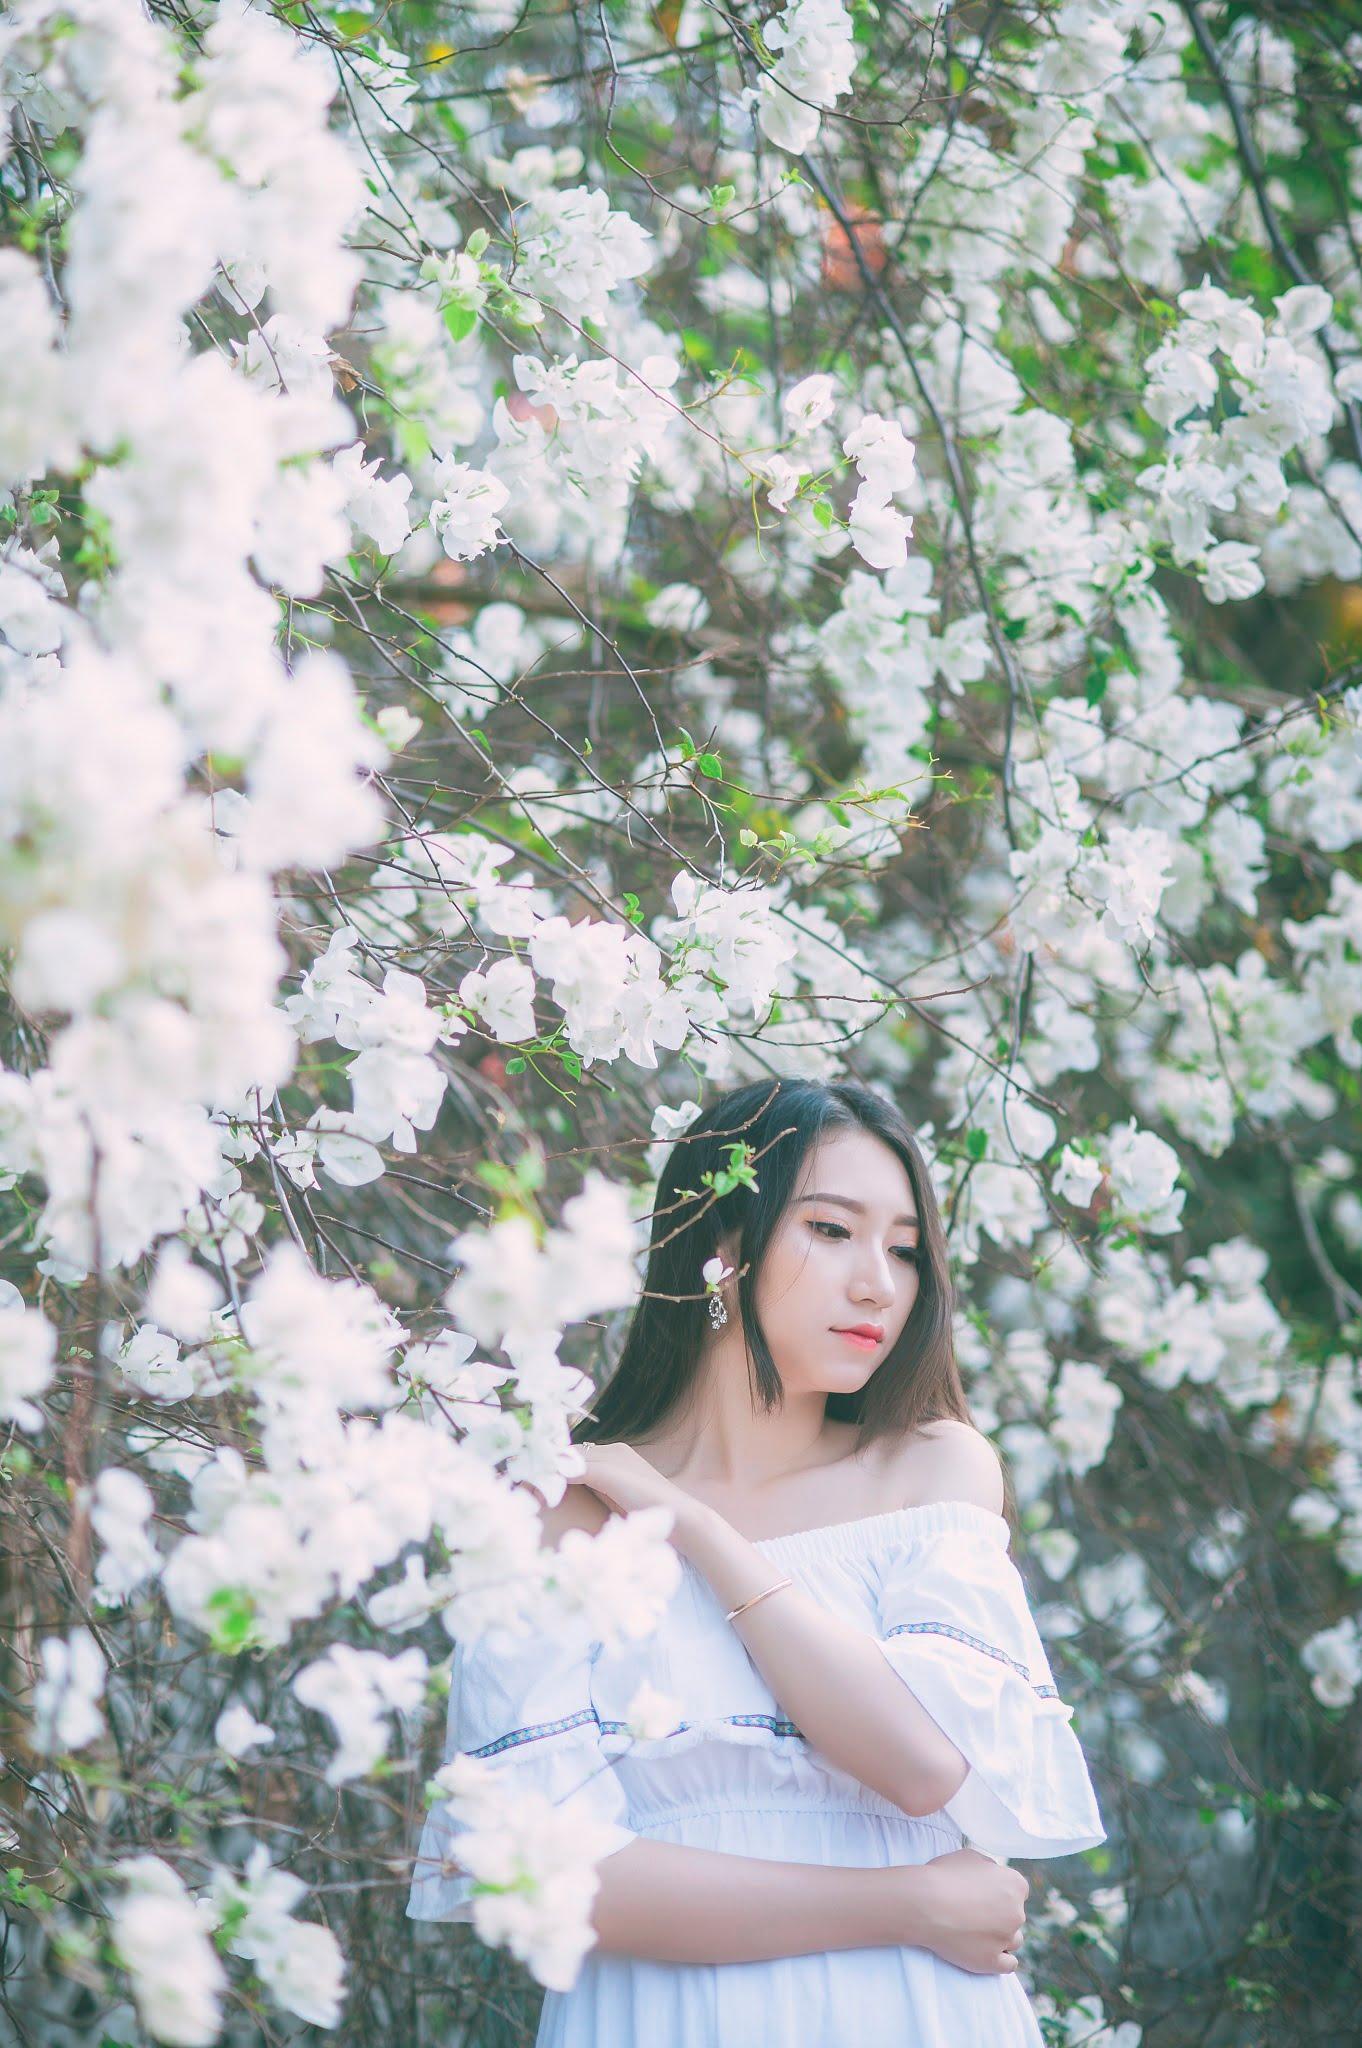 anh chup hoa giay 1 - Ảnh chụp với hoa giấy quận 2 - Huỳnh Như